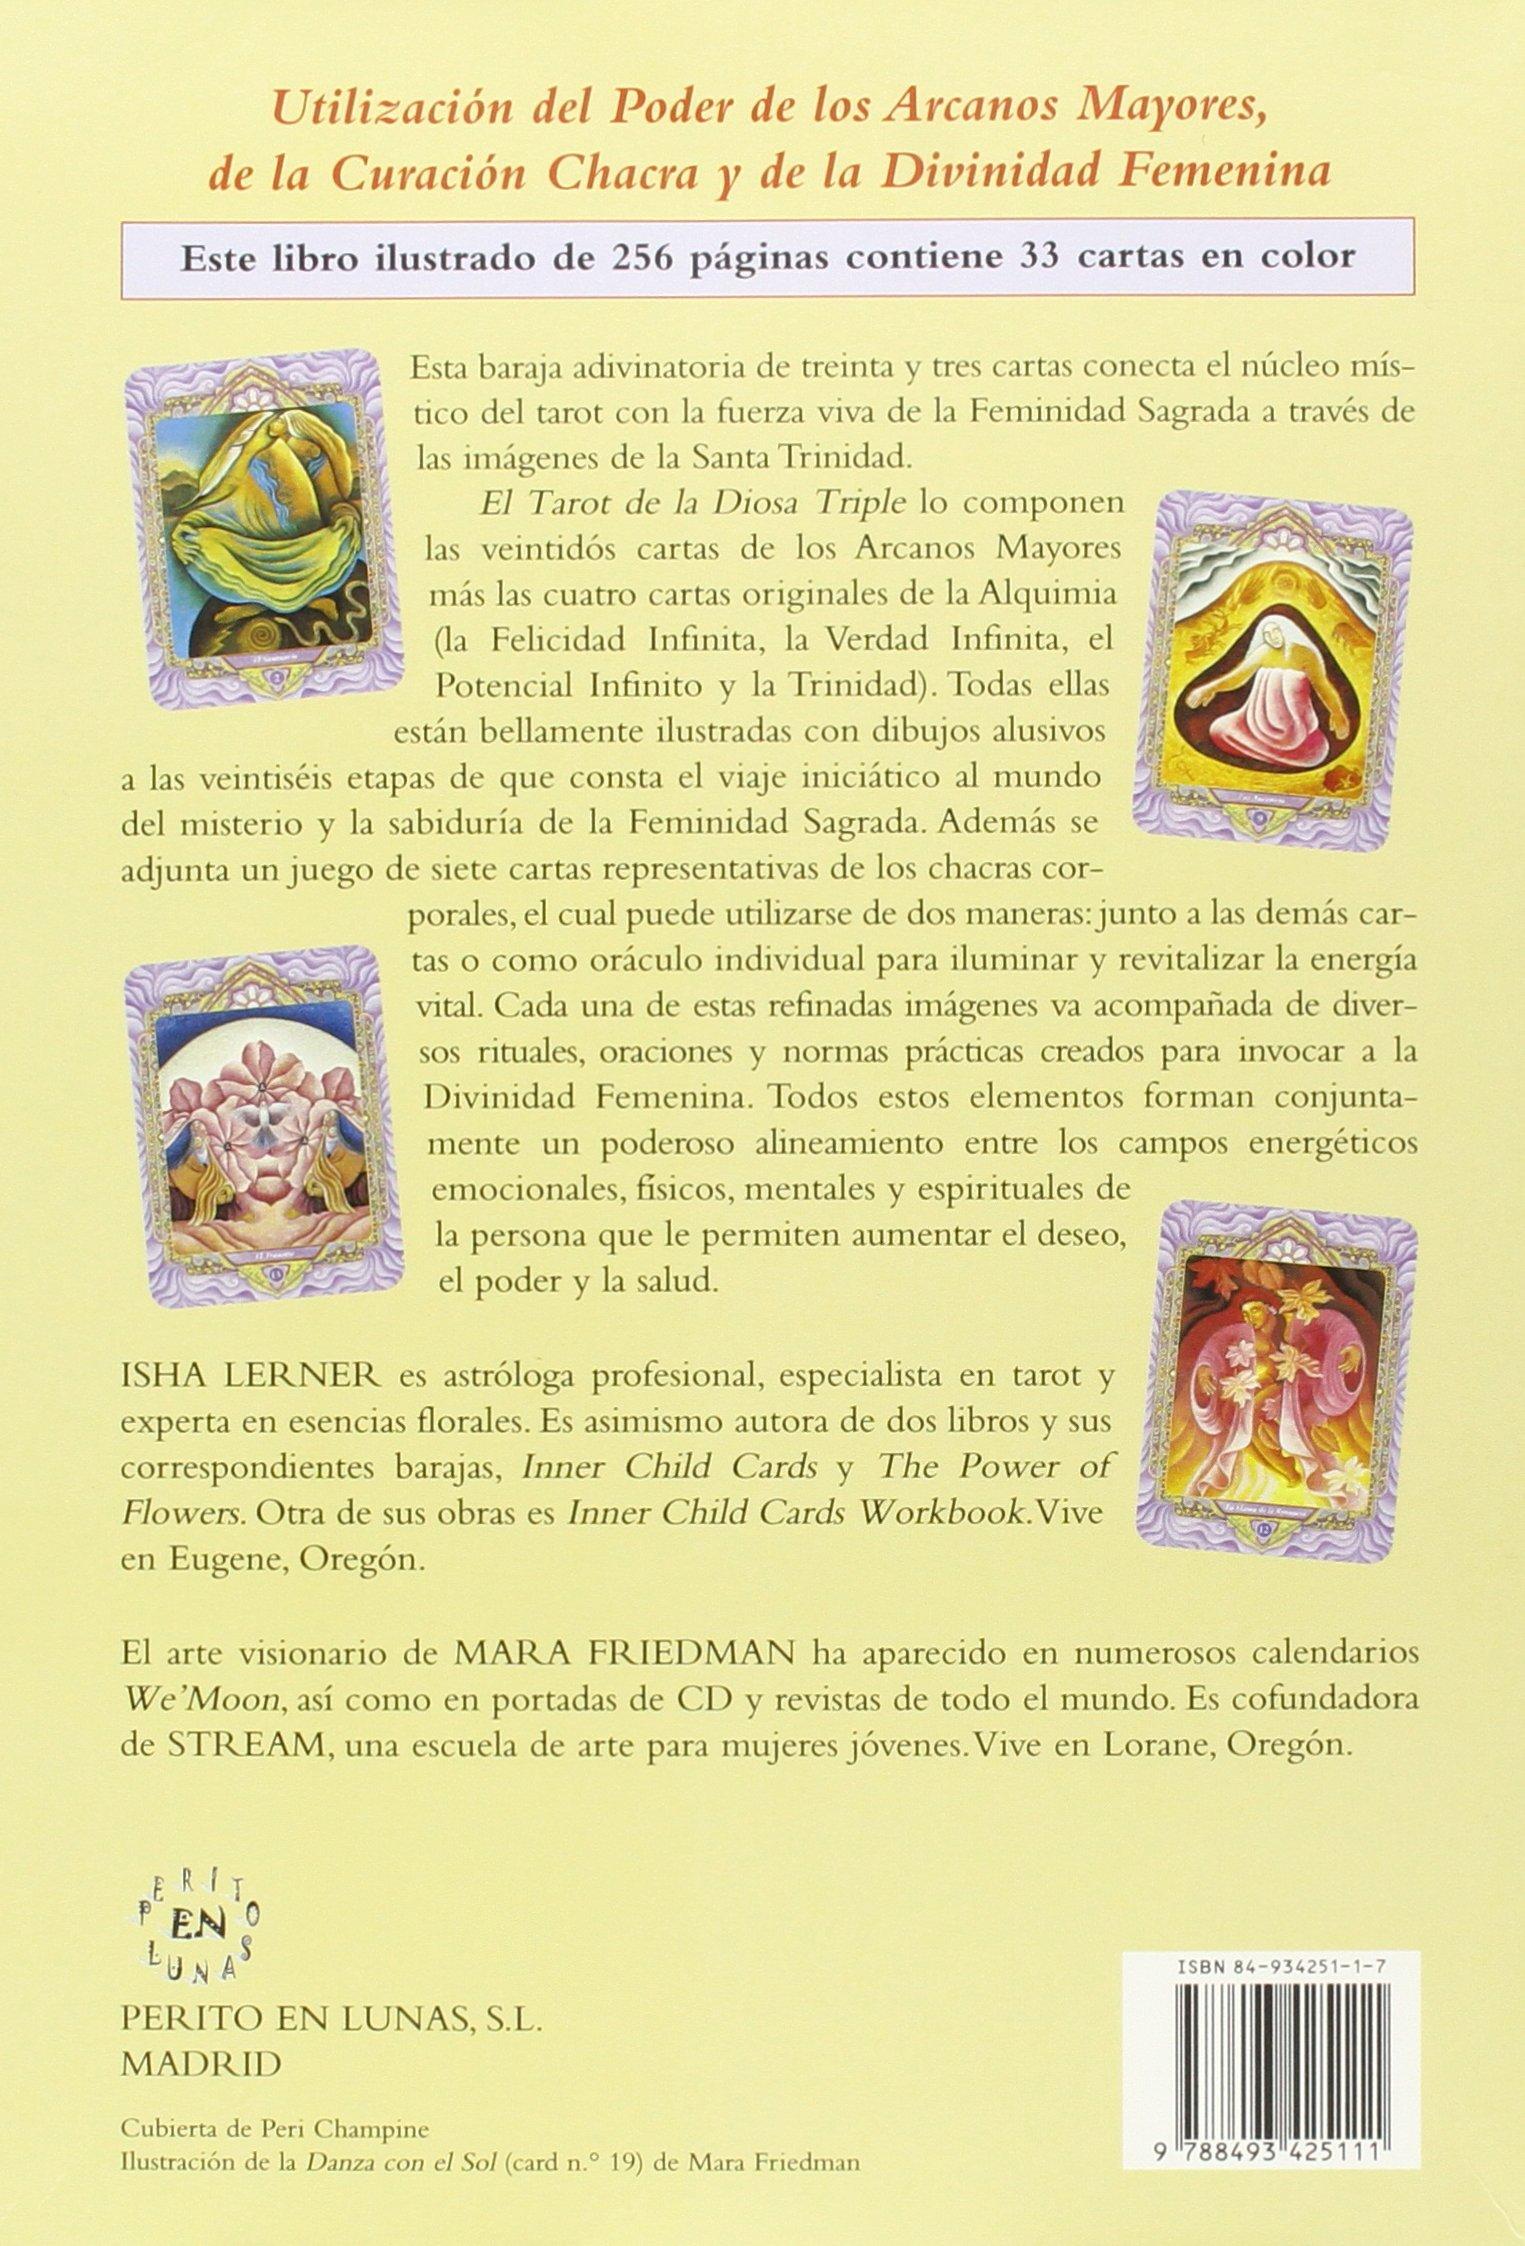 El tarot de la diosa triple: Amazon.es: Isha Lerner, Javier ...